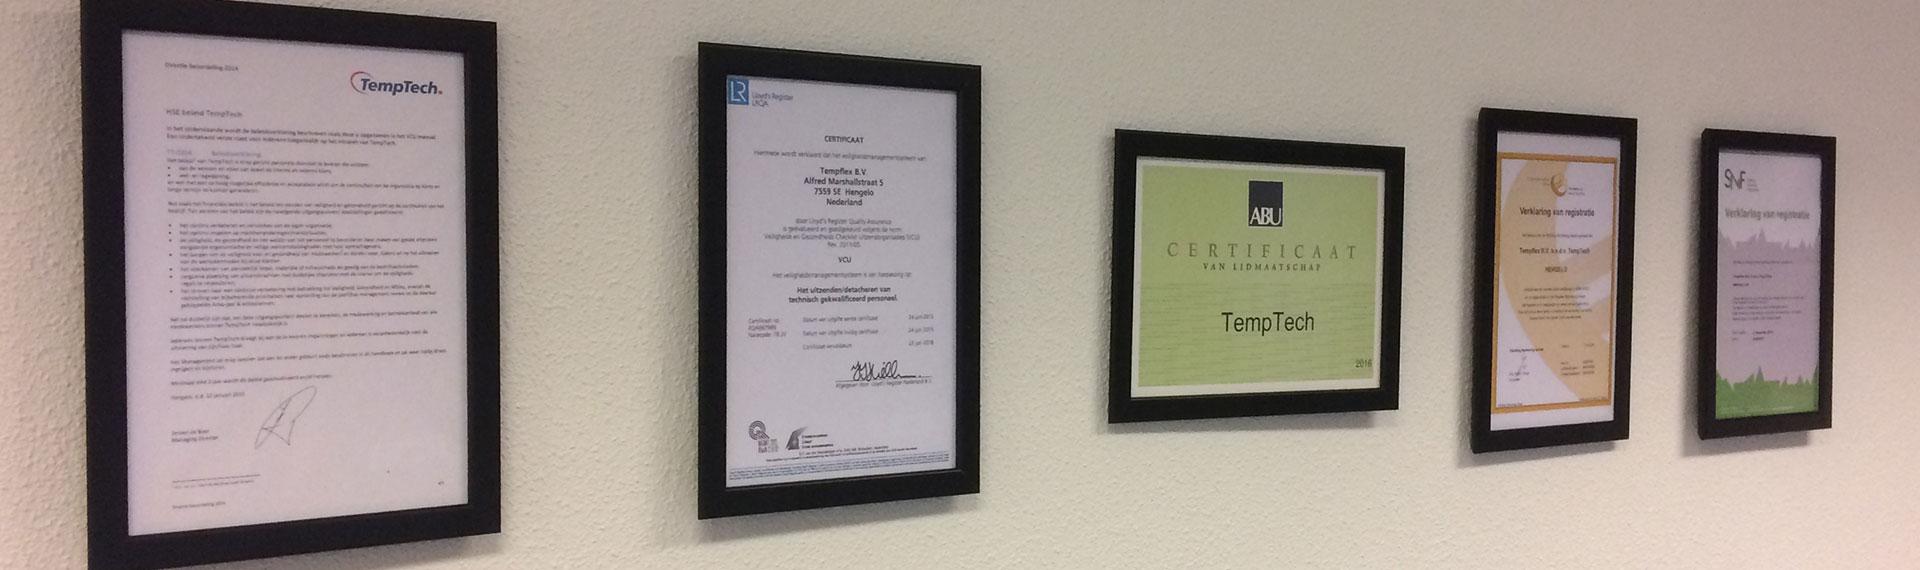 Onze certificering.